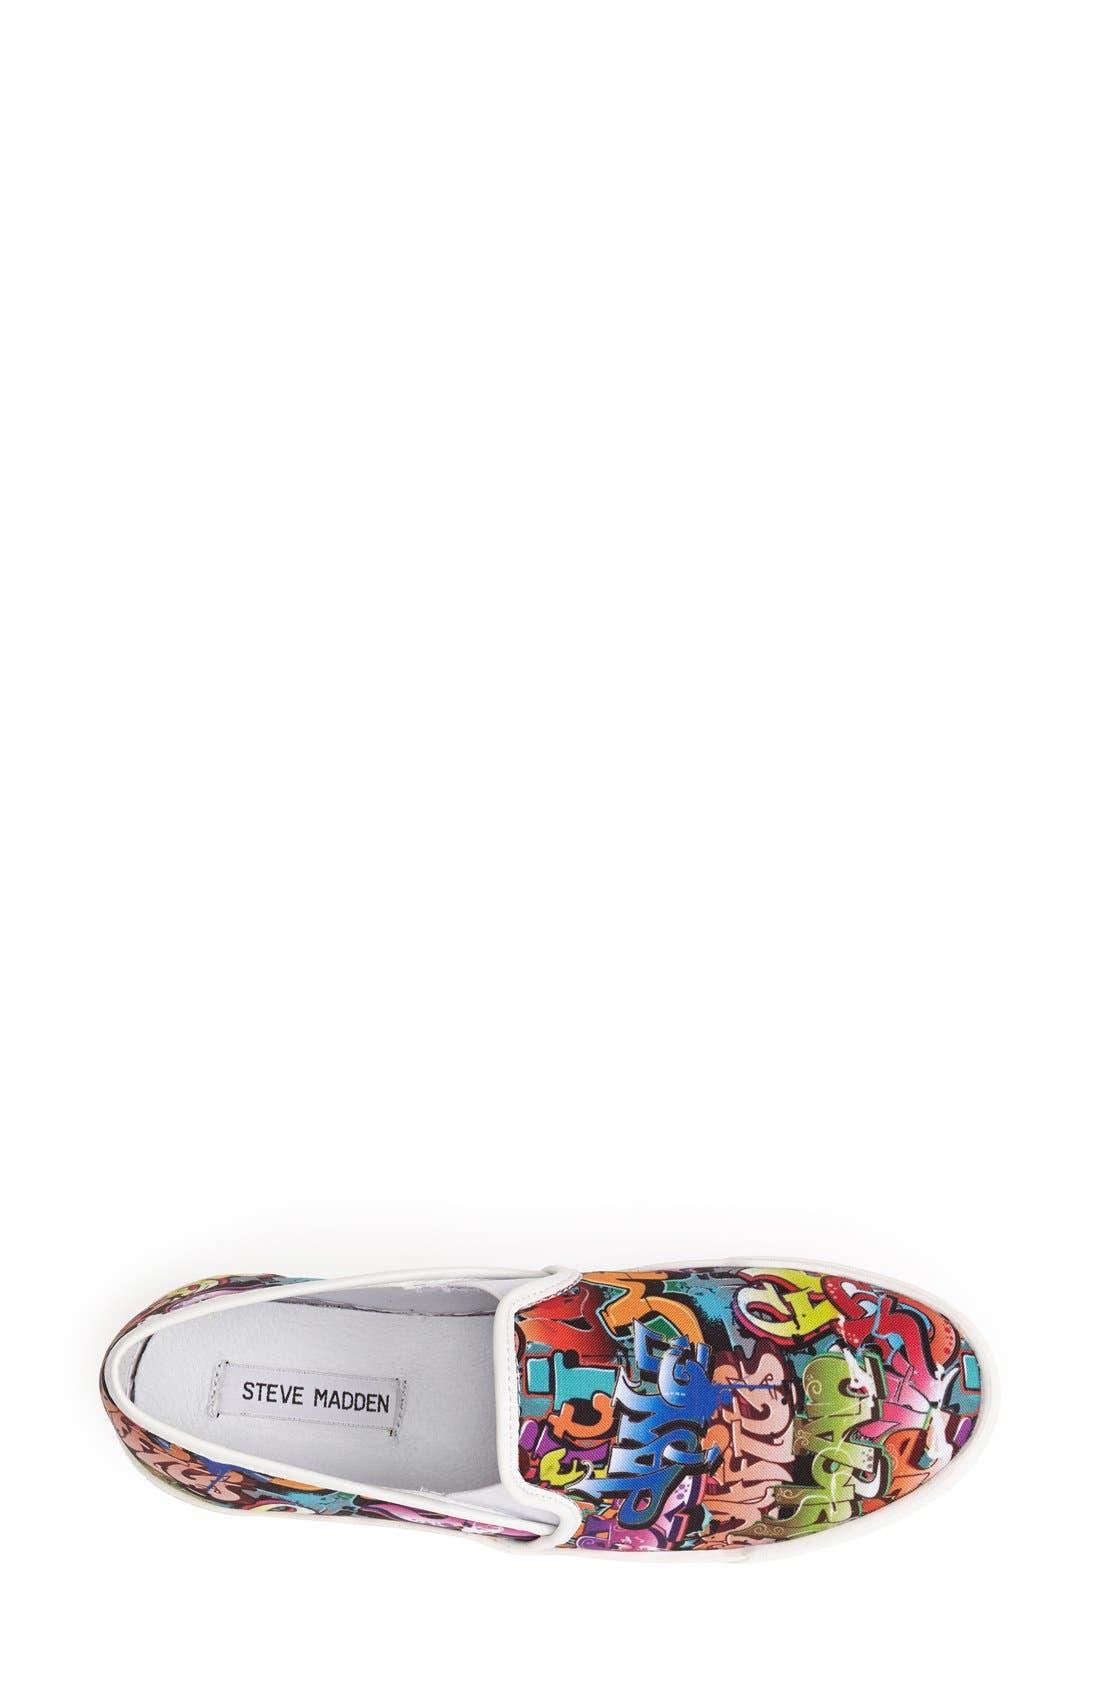 Alternate Image 3  - Steve Madden 'Ecentrcm' Graffiti Print Slip-On Sneaker (Women)